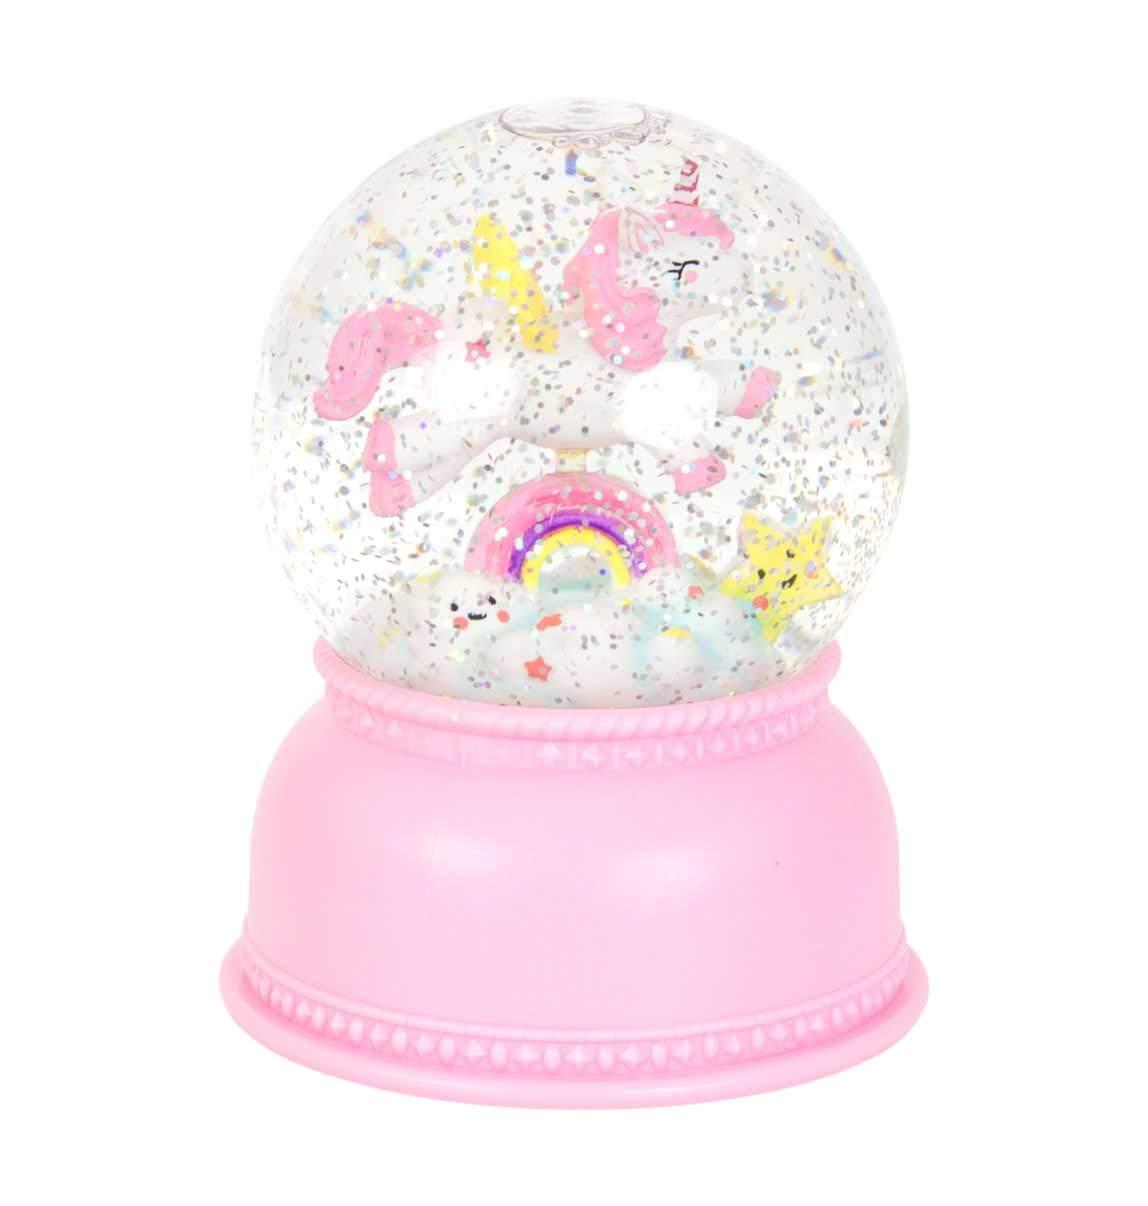 A Little Lovely Company Snowglobe Light  Unicorn B0772Y2MW3 Schneekugeln Schneekugeln Schneekugeln 770229